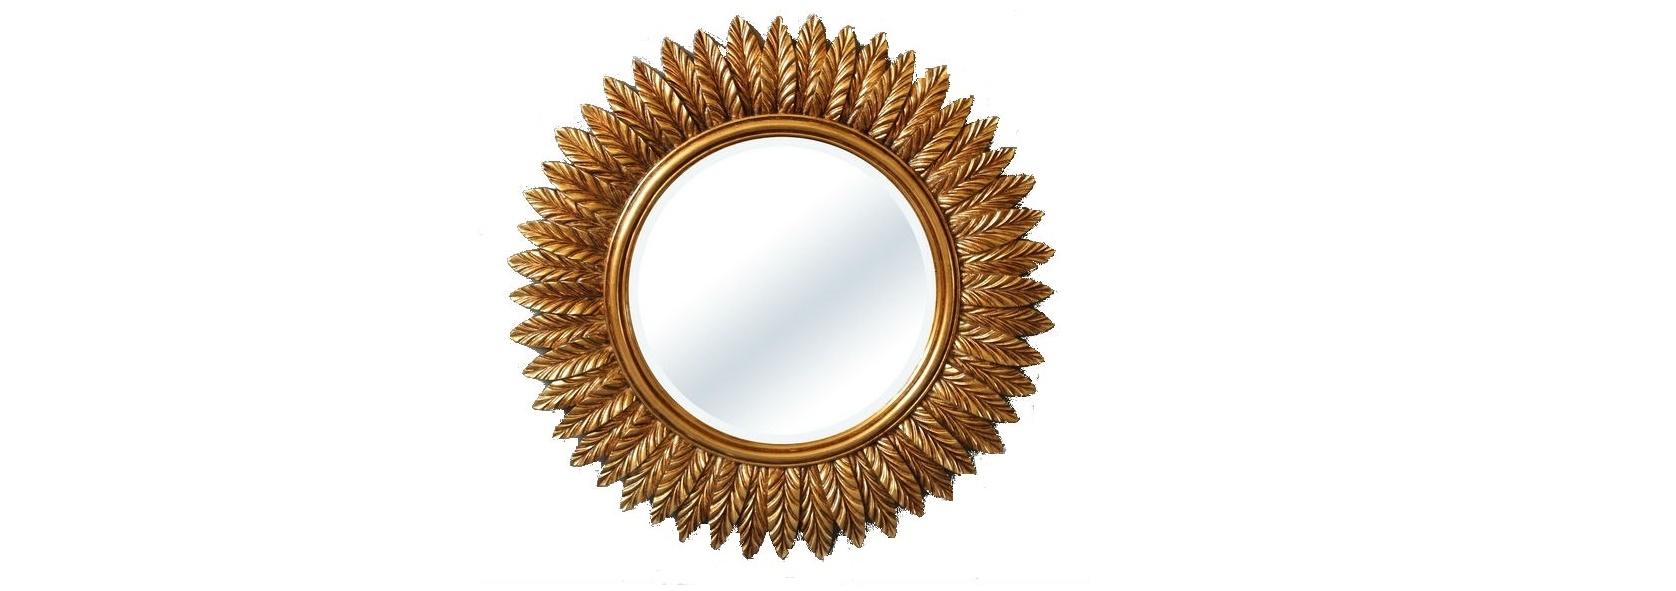 Зеркало в раме модерн BarleyНастенные зеркала<br>Оформление этого зеркала основывается на природной красоте, умело использованной человеком. Главными элементами оригинального орнамента его рамы выступают колосья. Эти растения, впитавшие в себя всю силу летнего солнца, теперь готовы поделиться накопленным теплом с окружающим пространством. Примечательно то, что сама рама также ассоциируется с солнцем благодаря схожим очертаниям силуэтов. Поэтому, если вашему дому не хватает света и лучезарного блеска, то такое зеркало должно стать центральным объектом его дизайна.&amp;lt;div&amp;gt;&amp;lt;br&amp;gt;&amp;lt;/div&amp;gt;&amp;lt;div&amp;gt;Влагостойкое серебряное зеркало.&amp;lt;/div&amp;gt;&amp;lt;div&amp;gt;Материал рамы: полирезин.&amp;lt;/div&amp;gt;&amp;lt;div&amp;gt;Цвет зеркала/рамы: античное золото.&amp;lt;/div&amp;gt;&amp;lt;div&amp;gt;Размер внешний, с рамой: диаметр 89 см.&amp;lt;/div&amp;gt;&amp;lt;div&amp;gt;Вес: 8 кг.&amp;lt;/div&amp;gt;<br><br>Material: Пластик<br>Width см: 89<br>Depth см: 4<br>Height см: 89